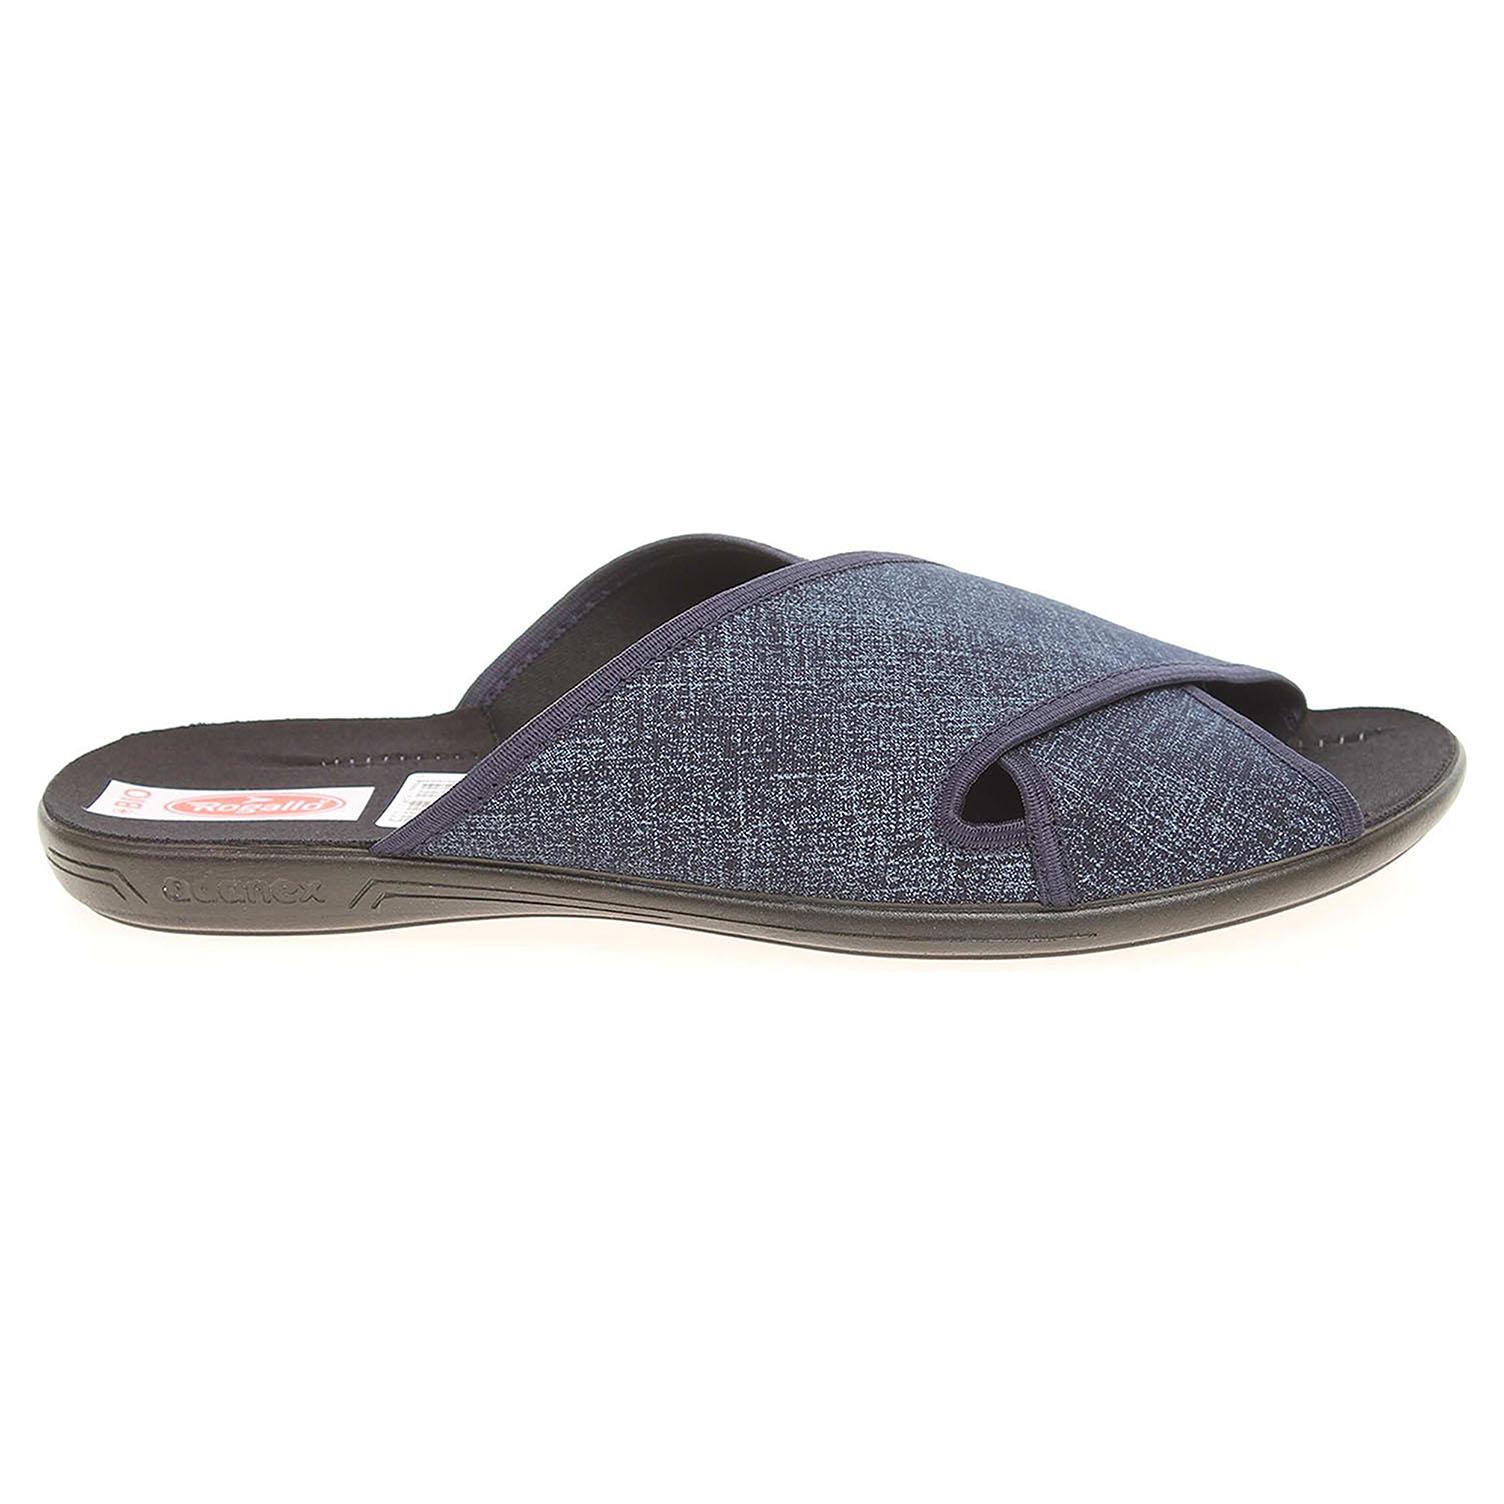 Rogallo pánské domácí pantofle 21764 modré 40